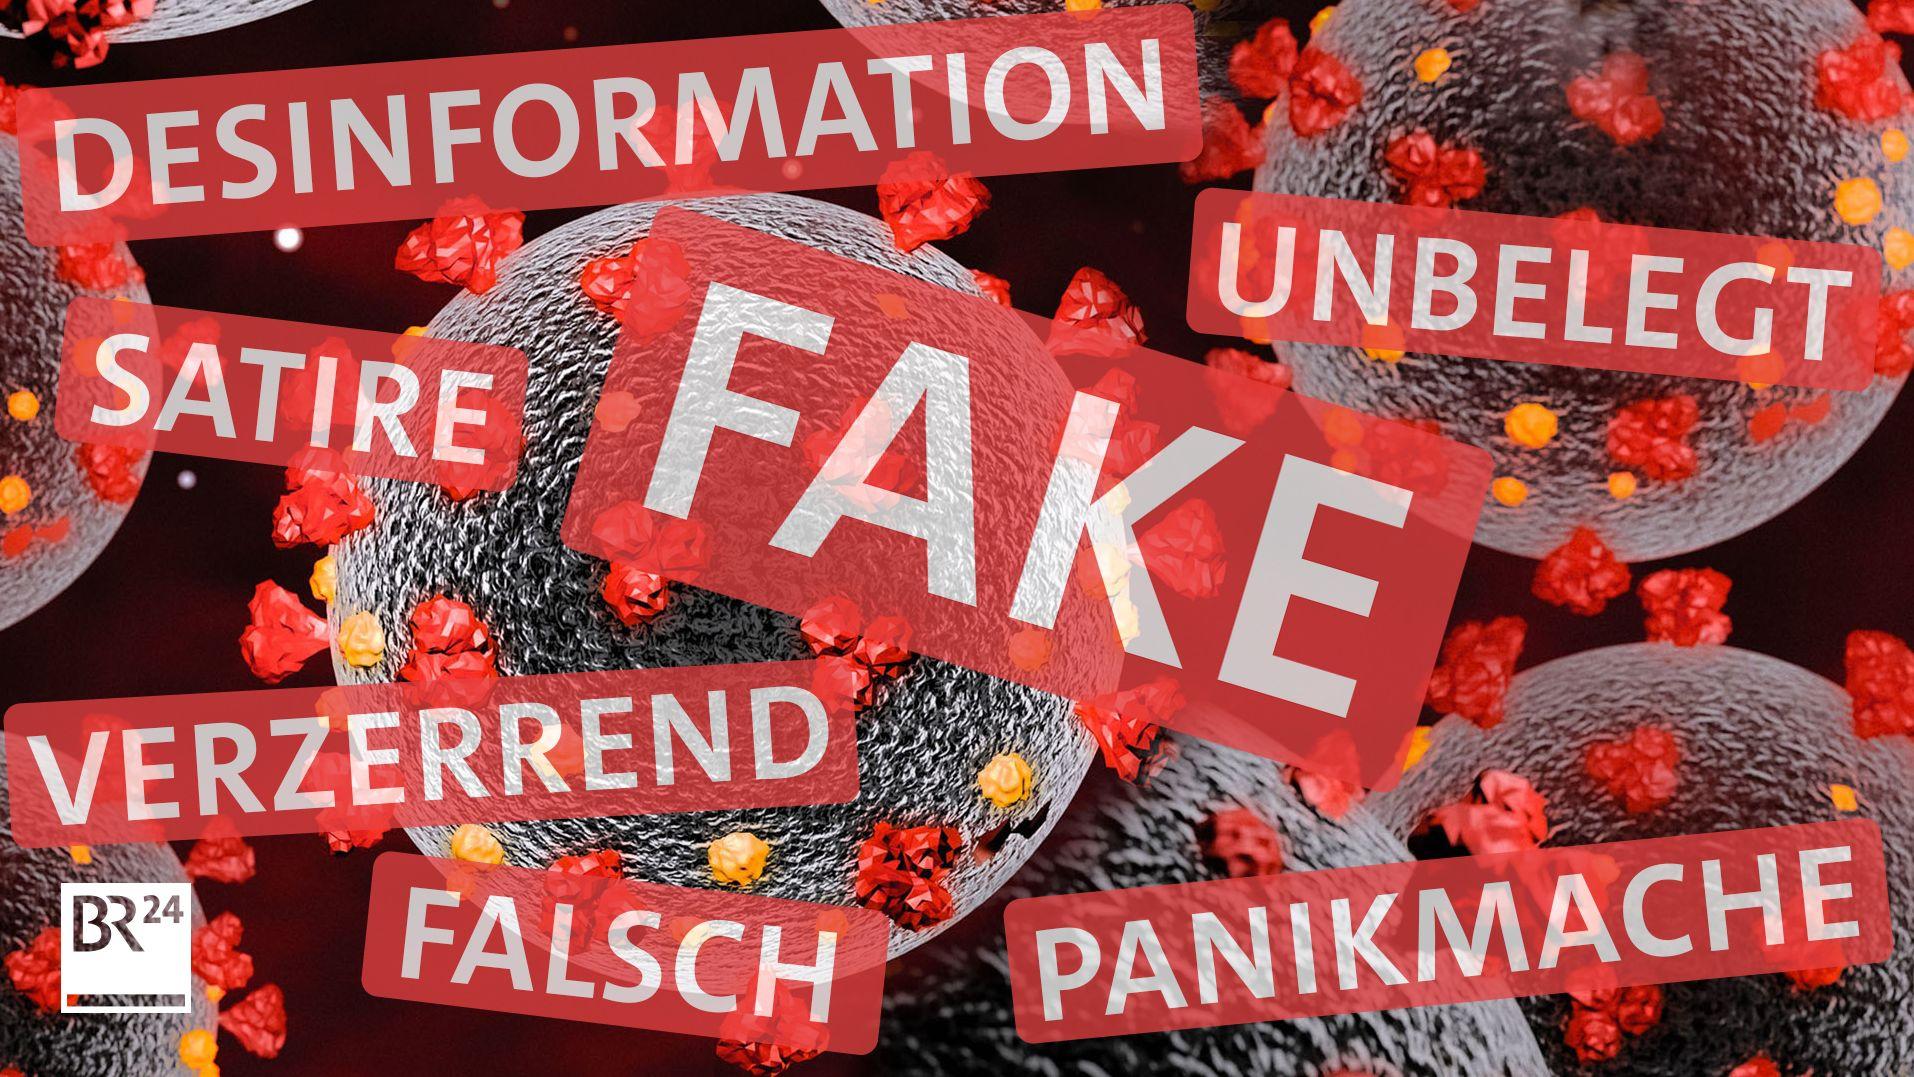 Gerüchte und Falschmeldungen zu Corona verbreiten sich so schnell wie das Virus selbst. Der Faktenfuchs checkt sie laufend.